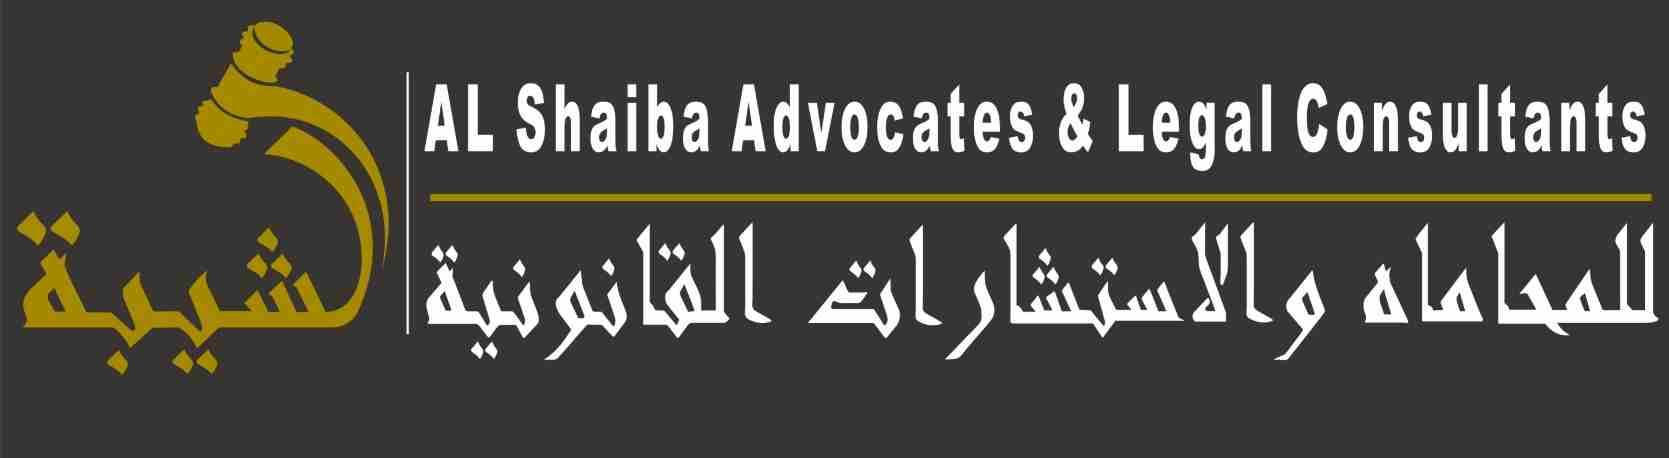 هل تبحث عن تمويل الأعمال ، والتمويل الشخصي ، والقروض العقارية ، وقروض السيارات ، ونقد ال-  Lawyers in UAE   Family,...